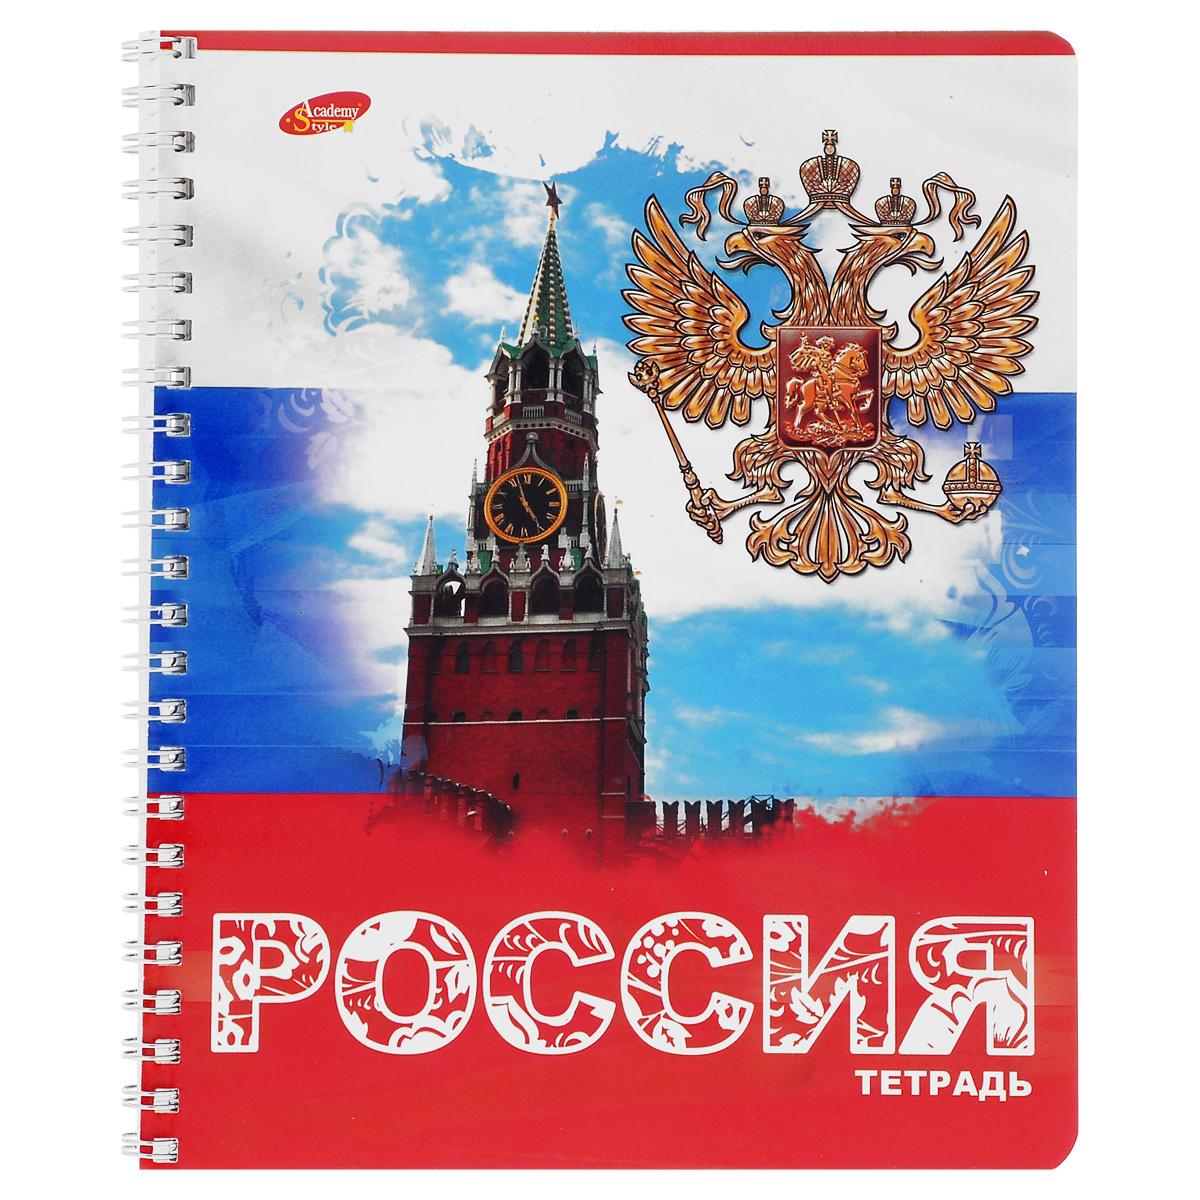 Тетрадь в клетку Россия, цвет: белый, синий, красный, 80 листов. 6828/36828/3_кругл Nature Орлов КремльТетрадь Россия с красочным изображением Кремля и двуглавого орла на обложке подойдет для выполнения любых работ. Обложка тетради с закругленными углами изготовлена из мелованного картона. Внутренний блок тетради соединен металлической пружиной и состоит из 80 листов высококачественной бумаги повышенной белизны.